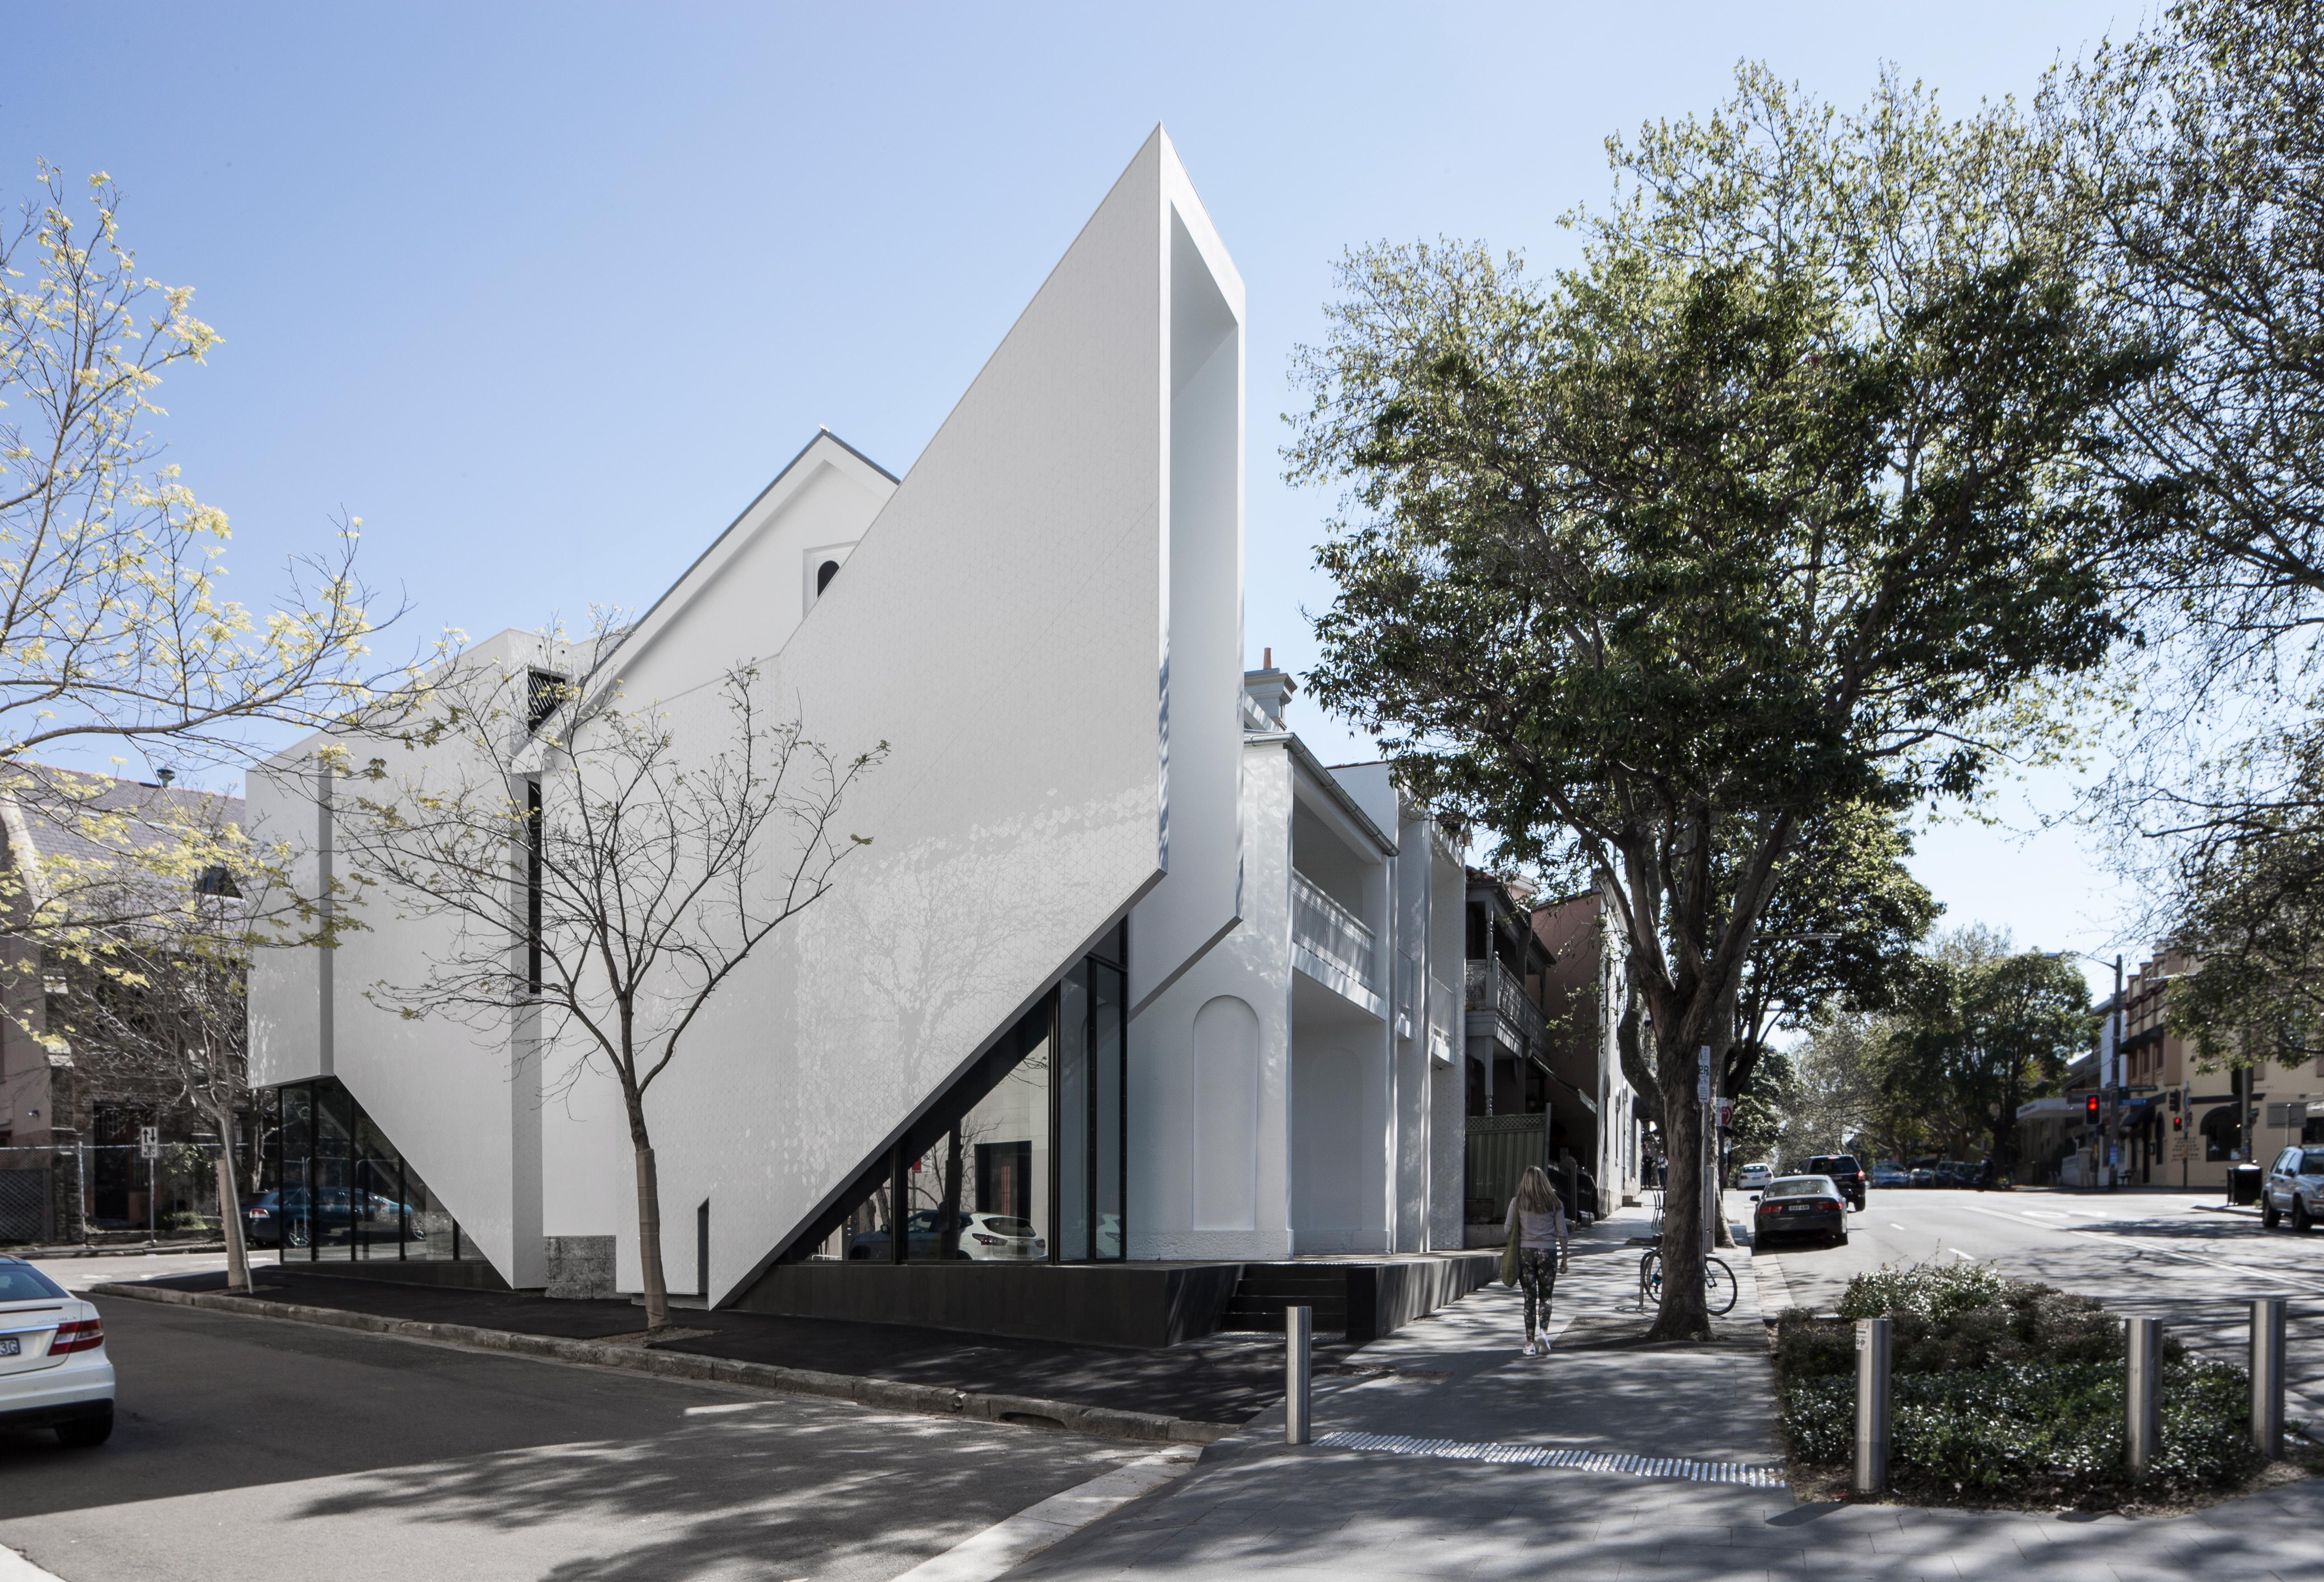 Crown 515-Smart Design Studio-The Local Project-Australian Architecture & Design-Image 3